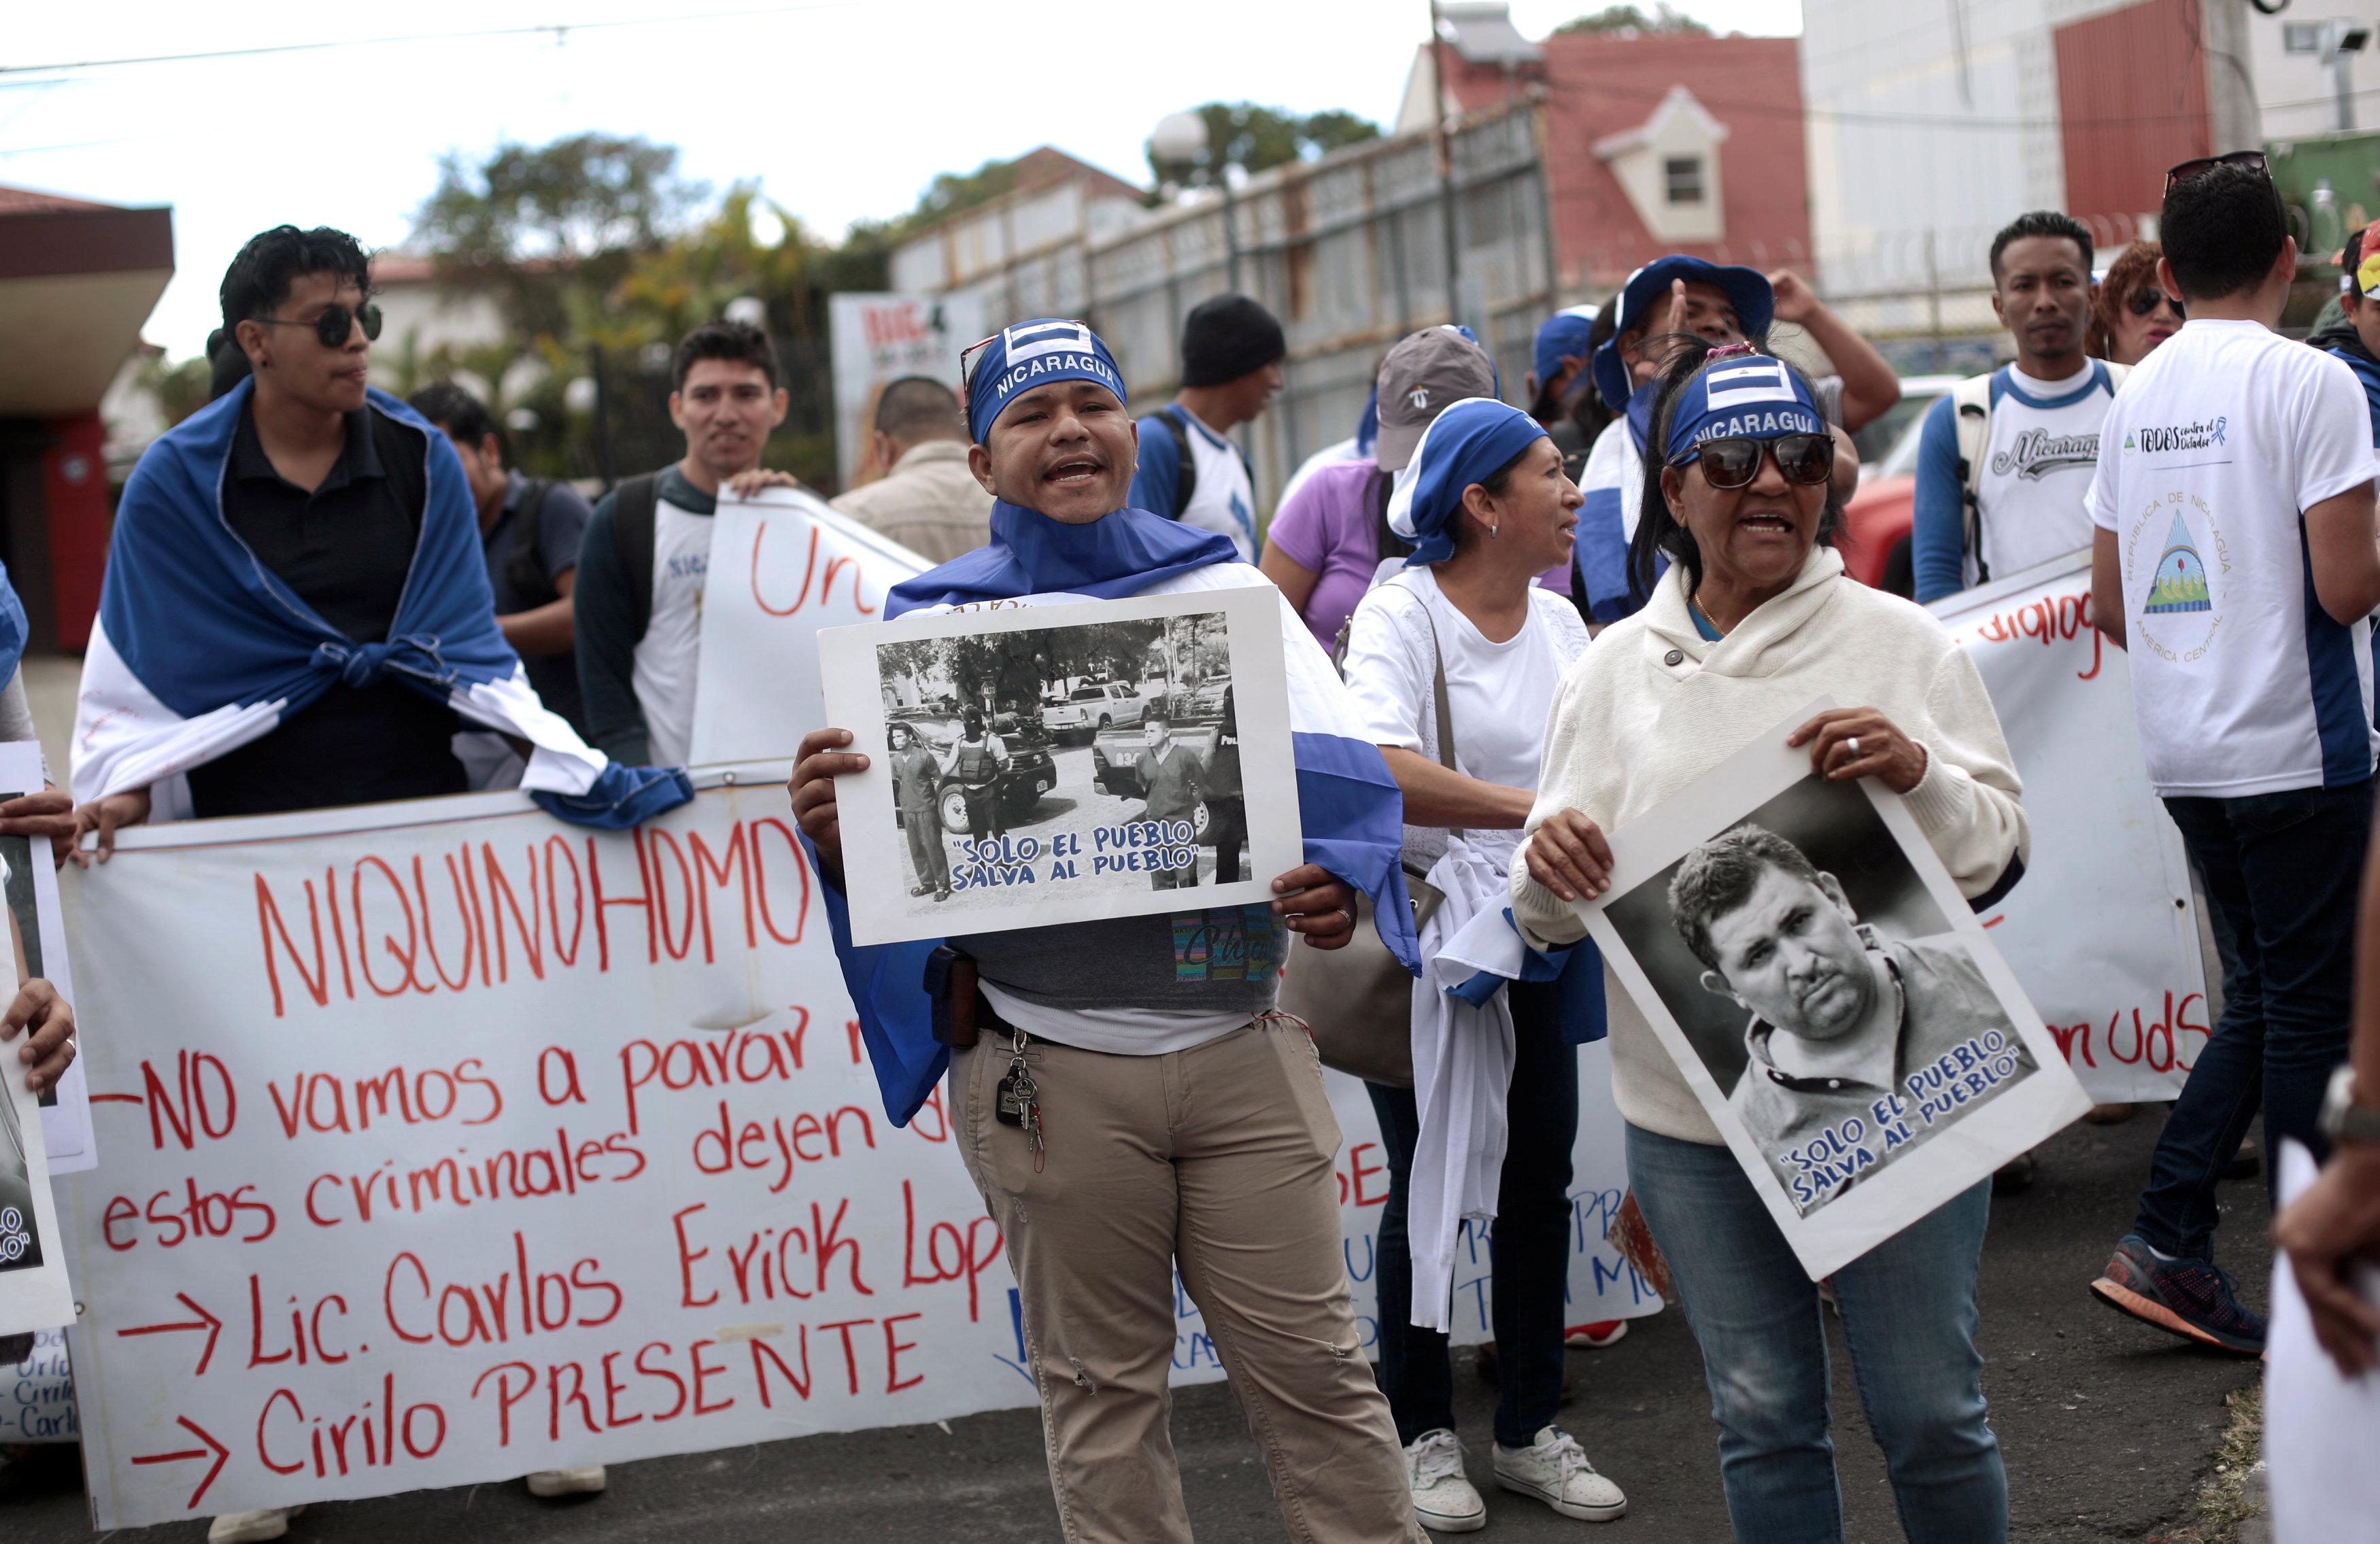 Protestas contra el régimen. (REUTERS/Juan Carlos Ulate)